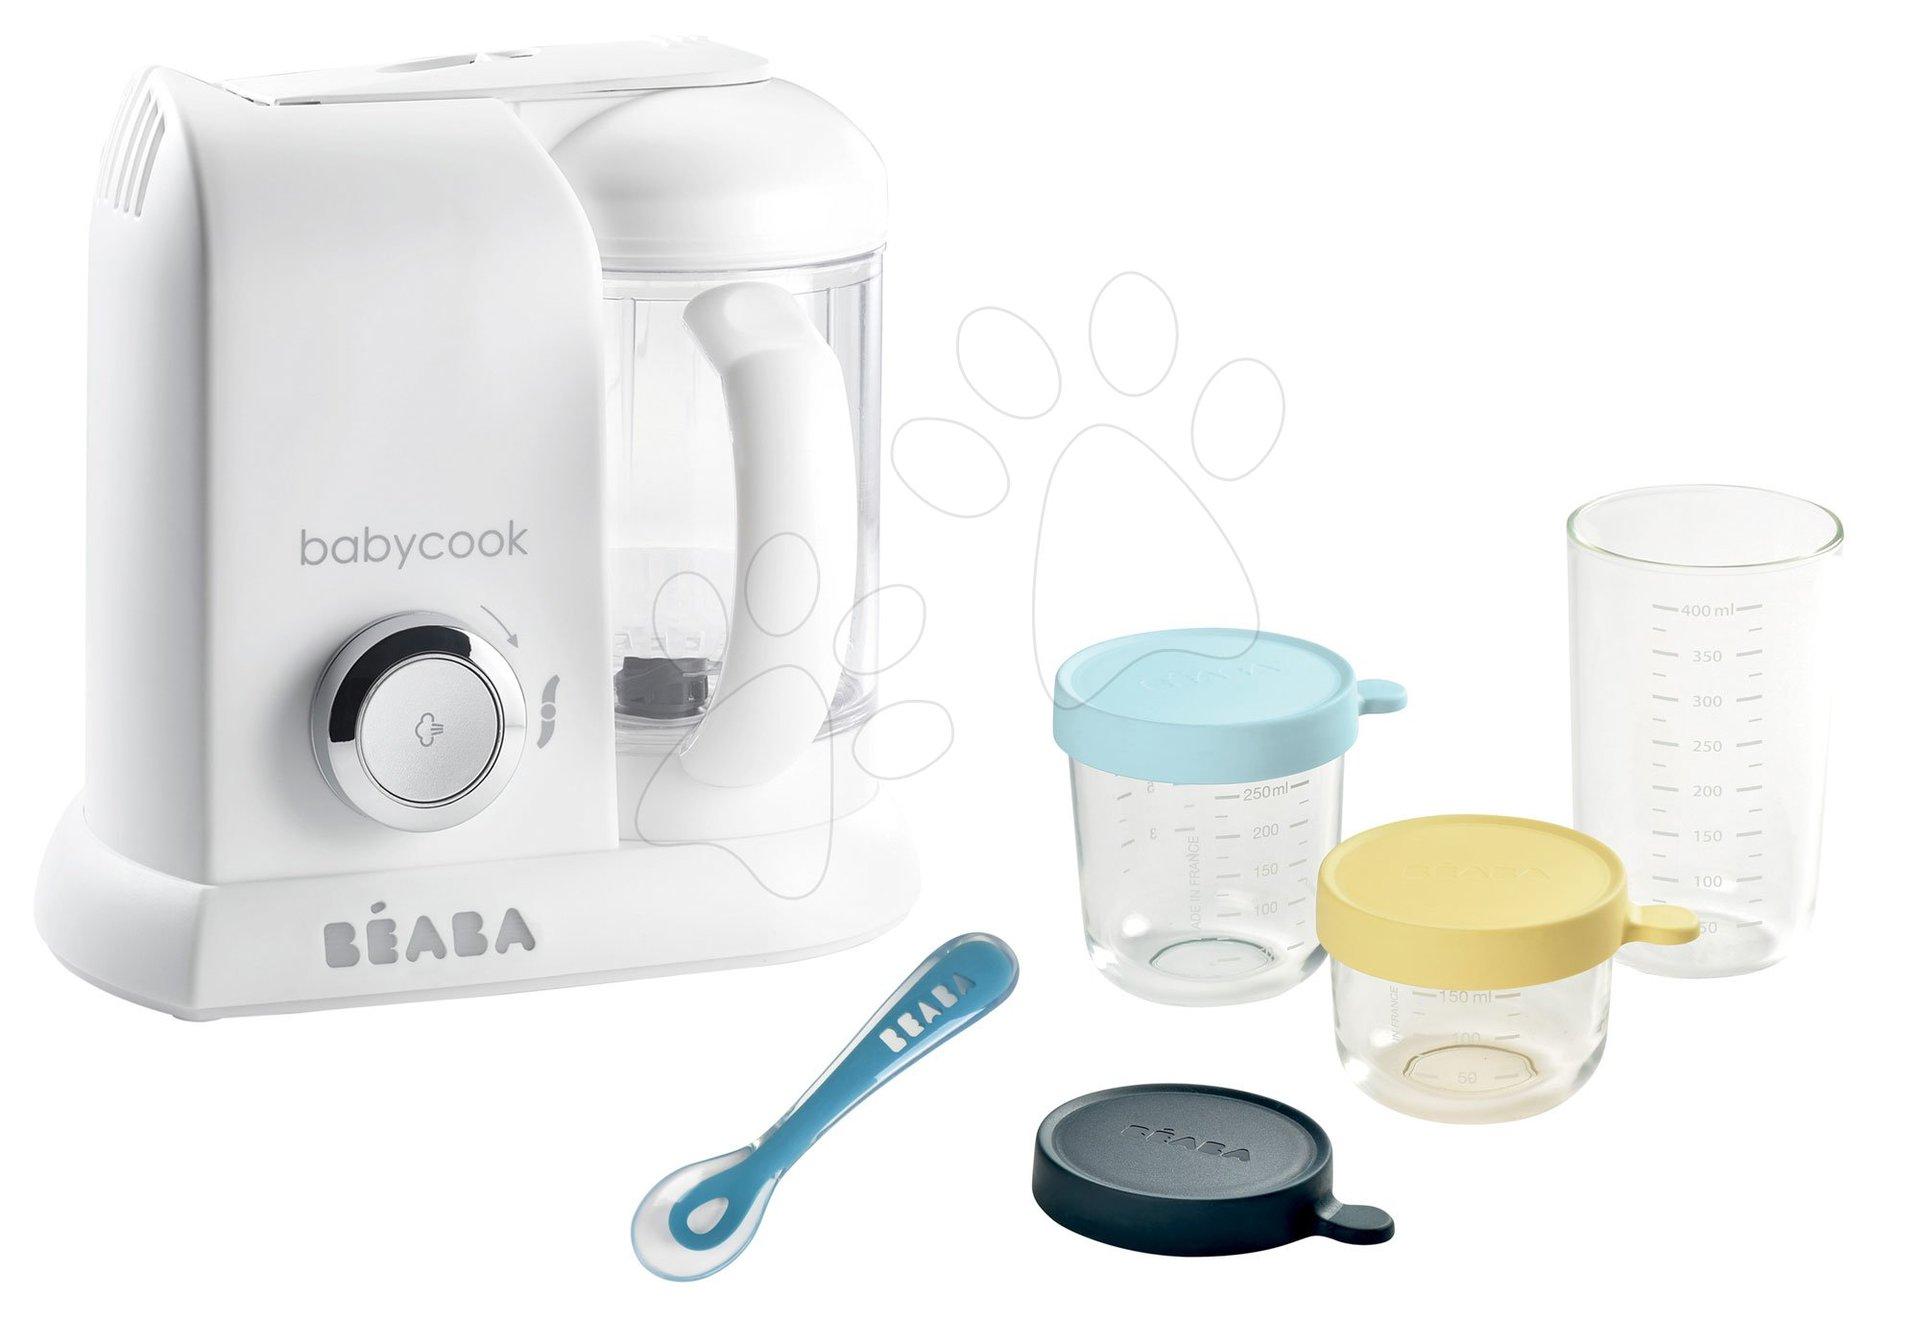 Set parní vařič a mixér Beaba Babycook® Solo white silver + dárek 3 dózy na jídlo z kvalitního skla a silikonová lžička 150/250/400ml od 0 měsíců